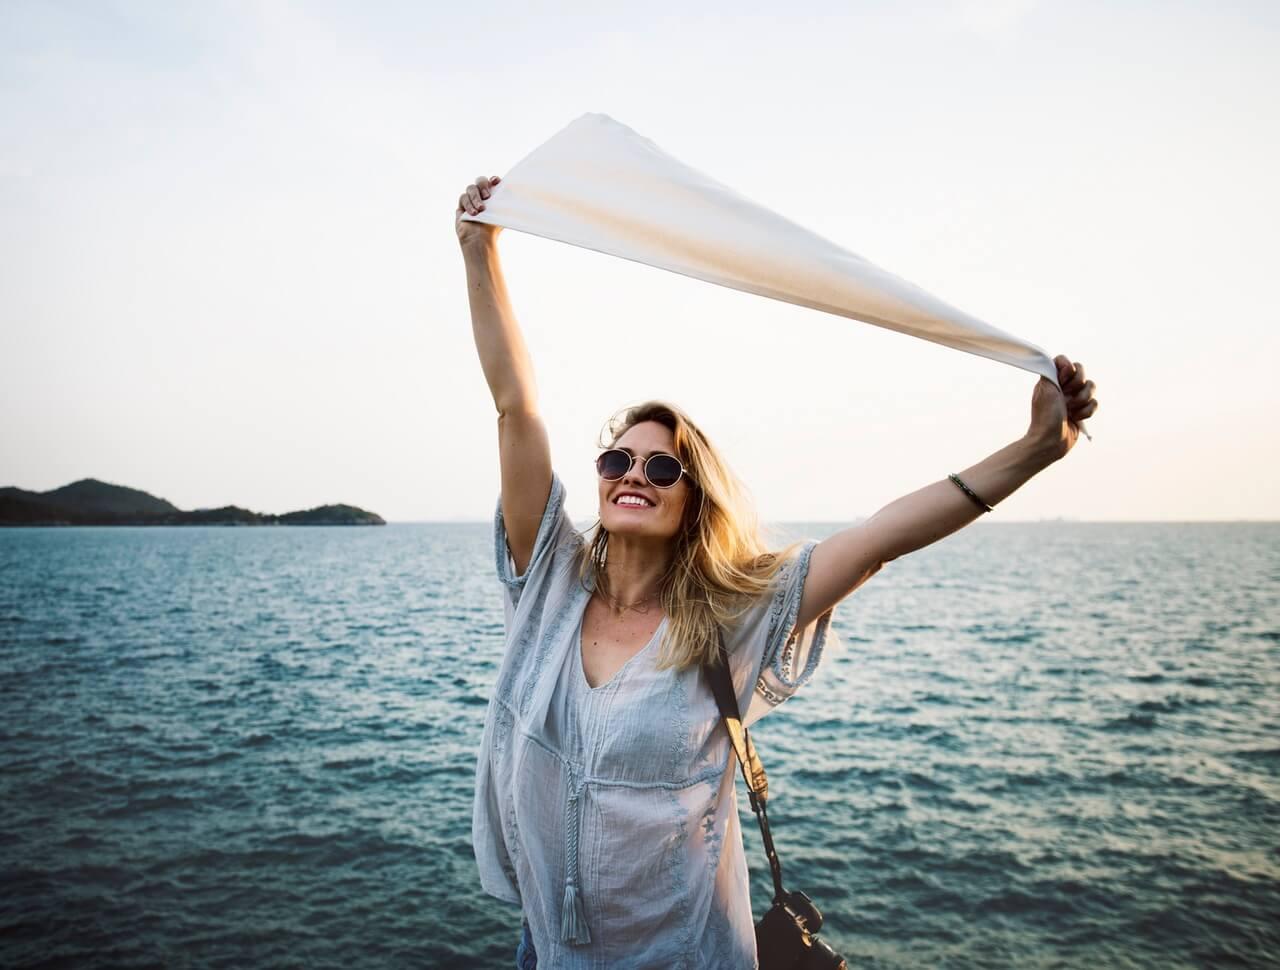 γυναίκα κρατά μαντίλι ψηλά στον αέρα